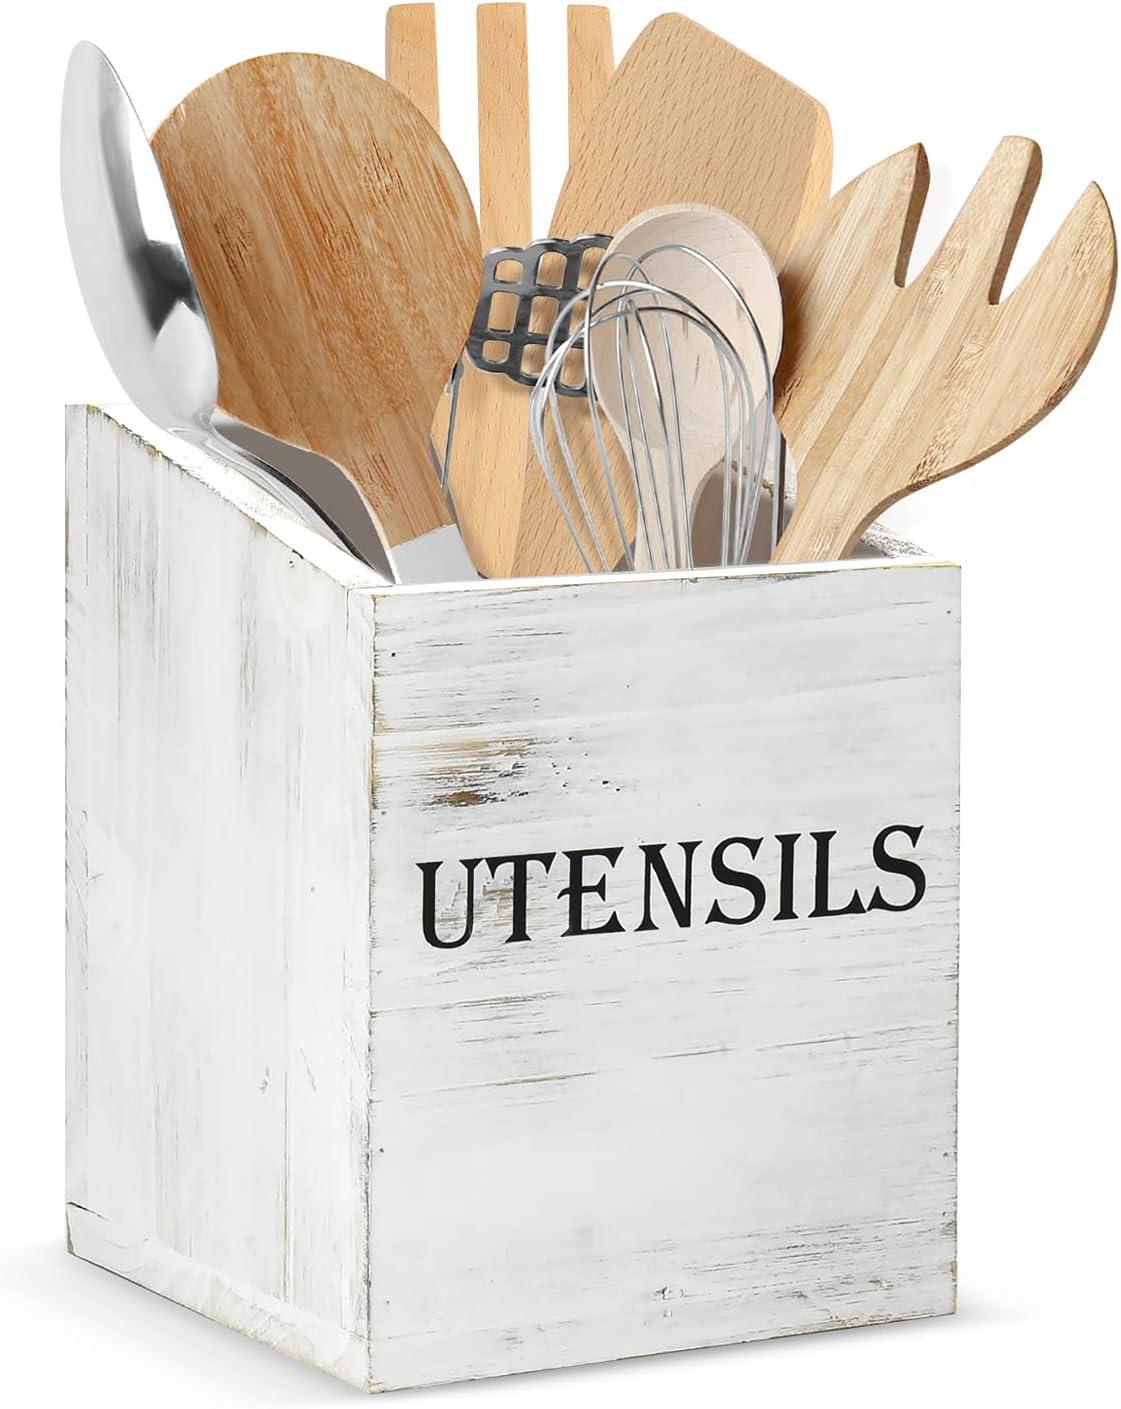 Wooden Kitchen Utensils Holder, Kitchen Countertop Organizer, Kitchen Counter Decor, Spatula, Spoon and Silverware Holder, Cooking Utensil Holder, Utensil Caddy (White)